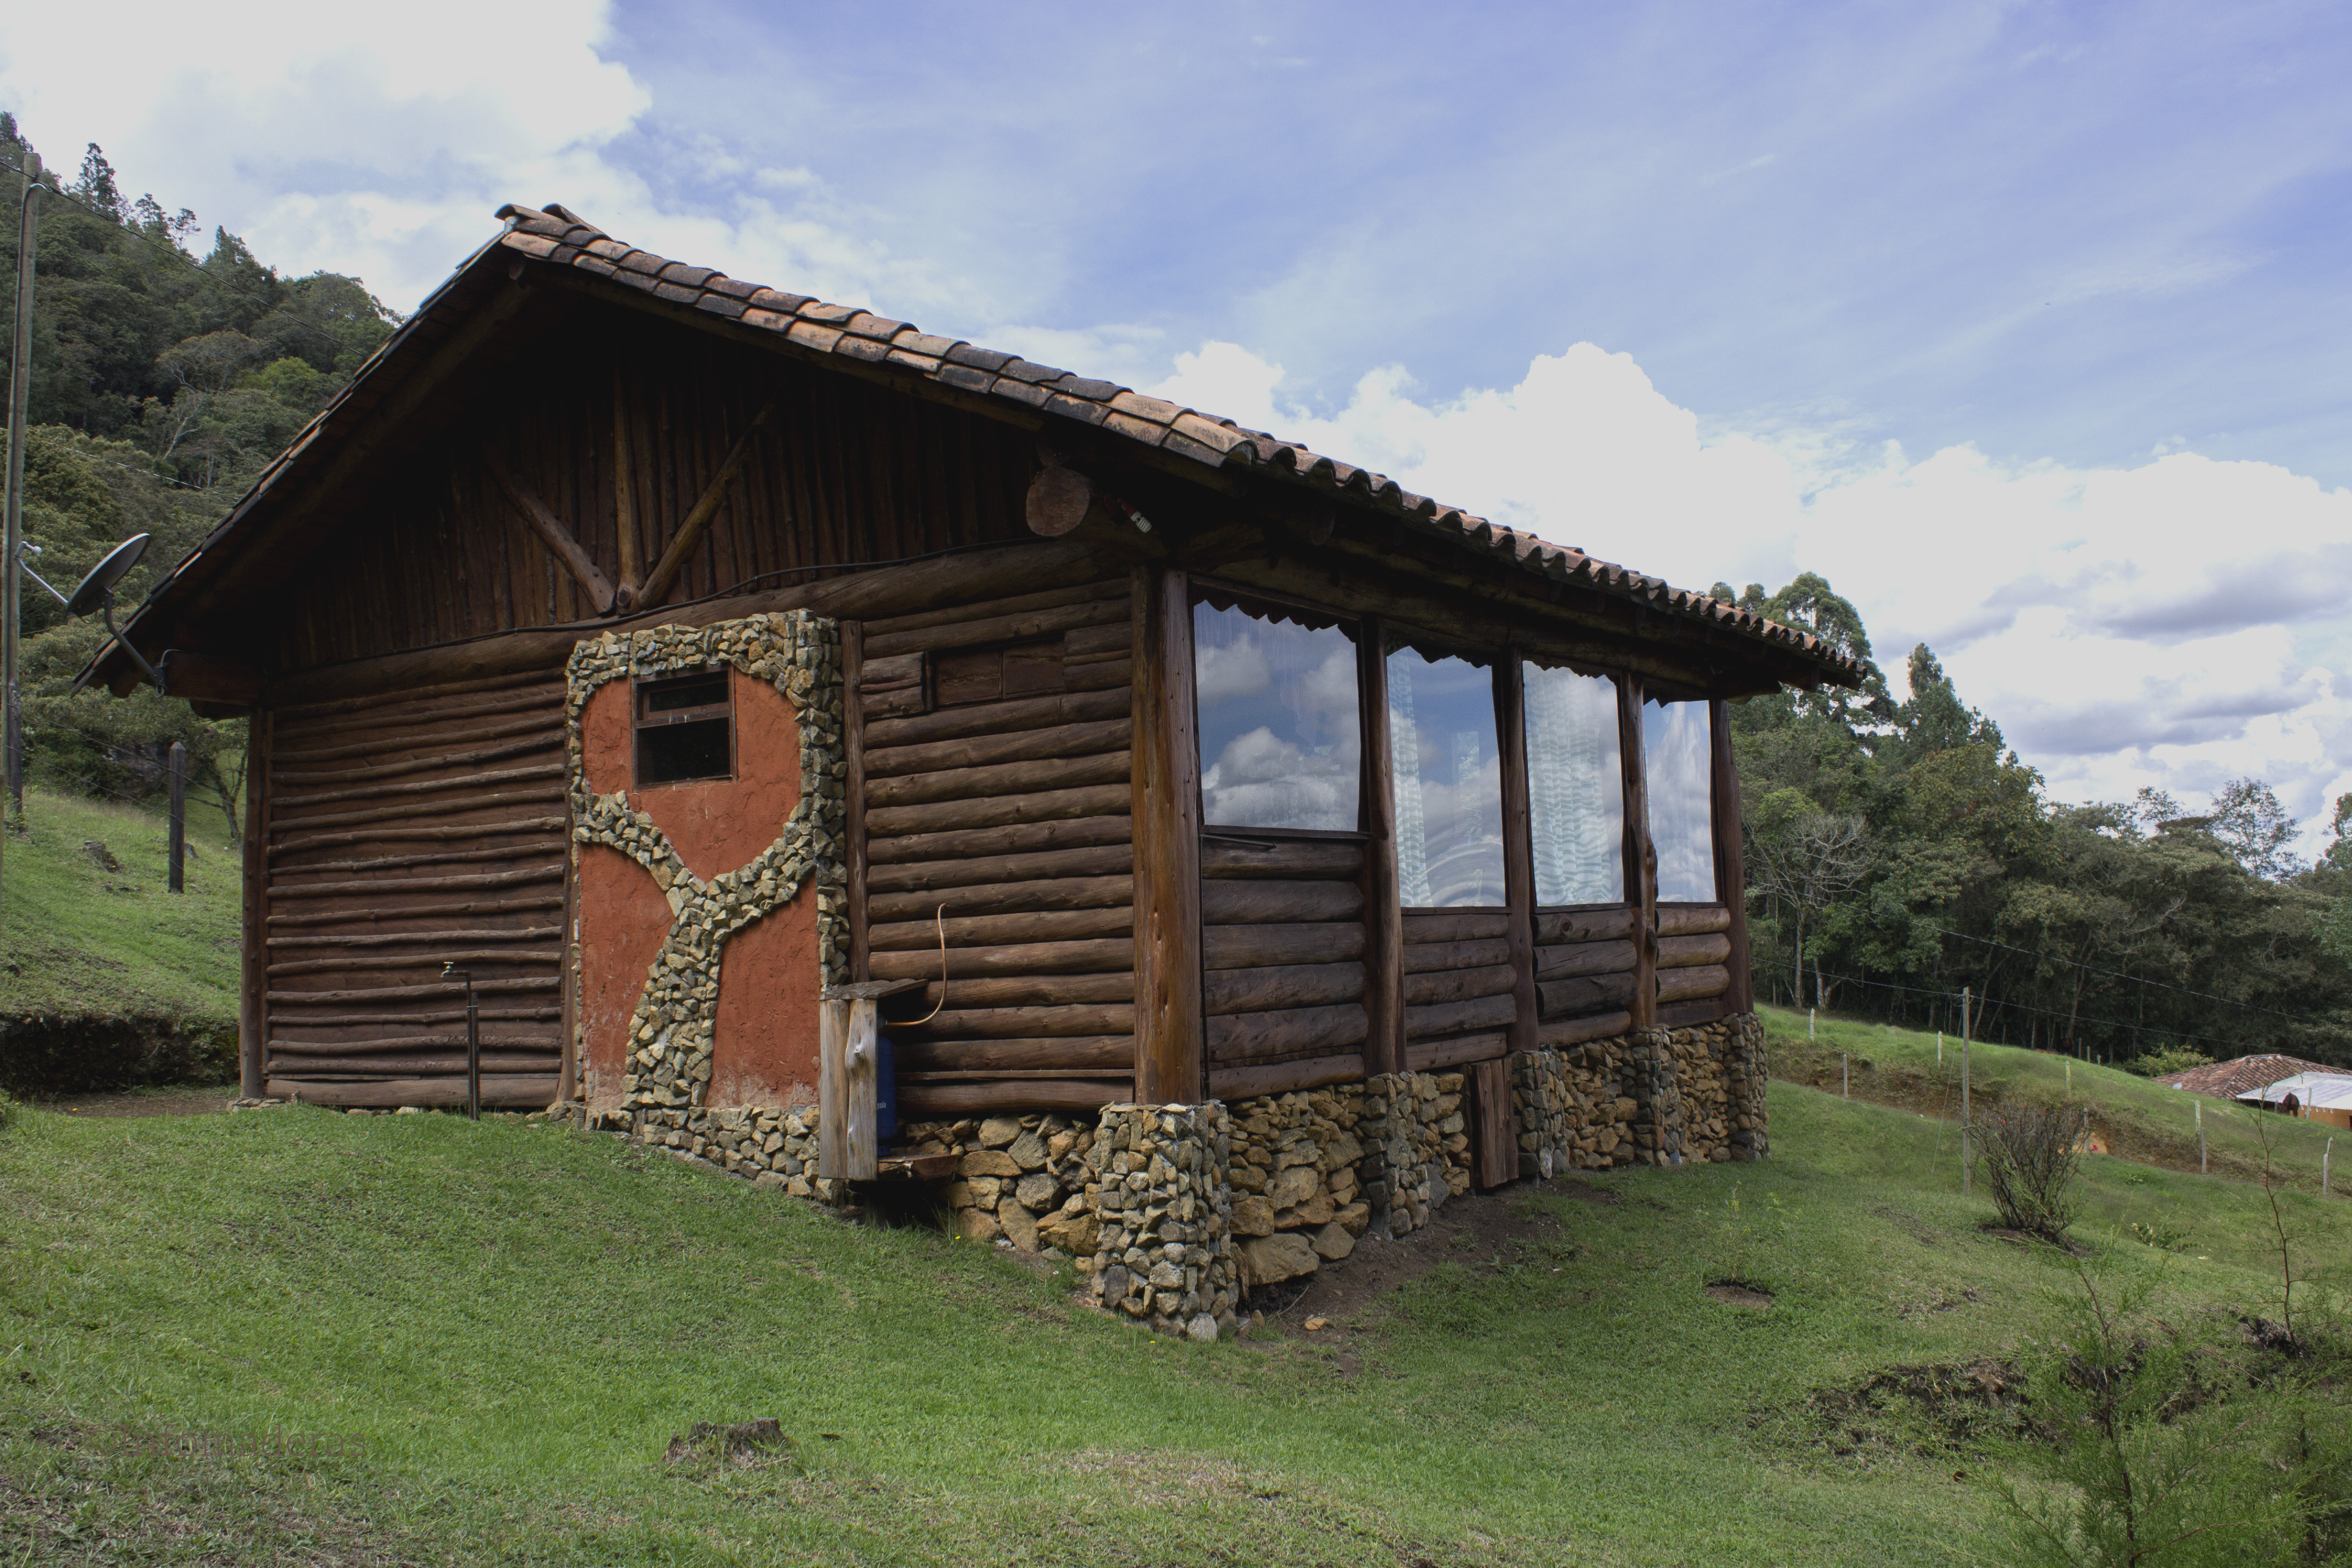 Proteja y embellezca su casa en madera - Casaa de madera ...